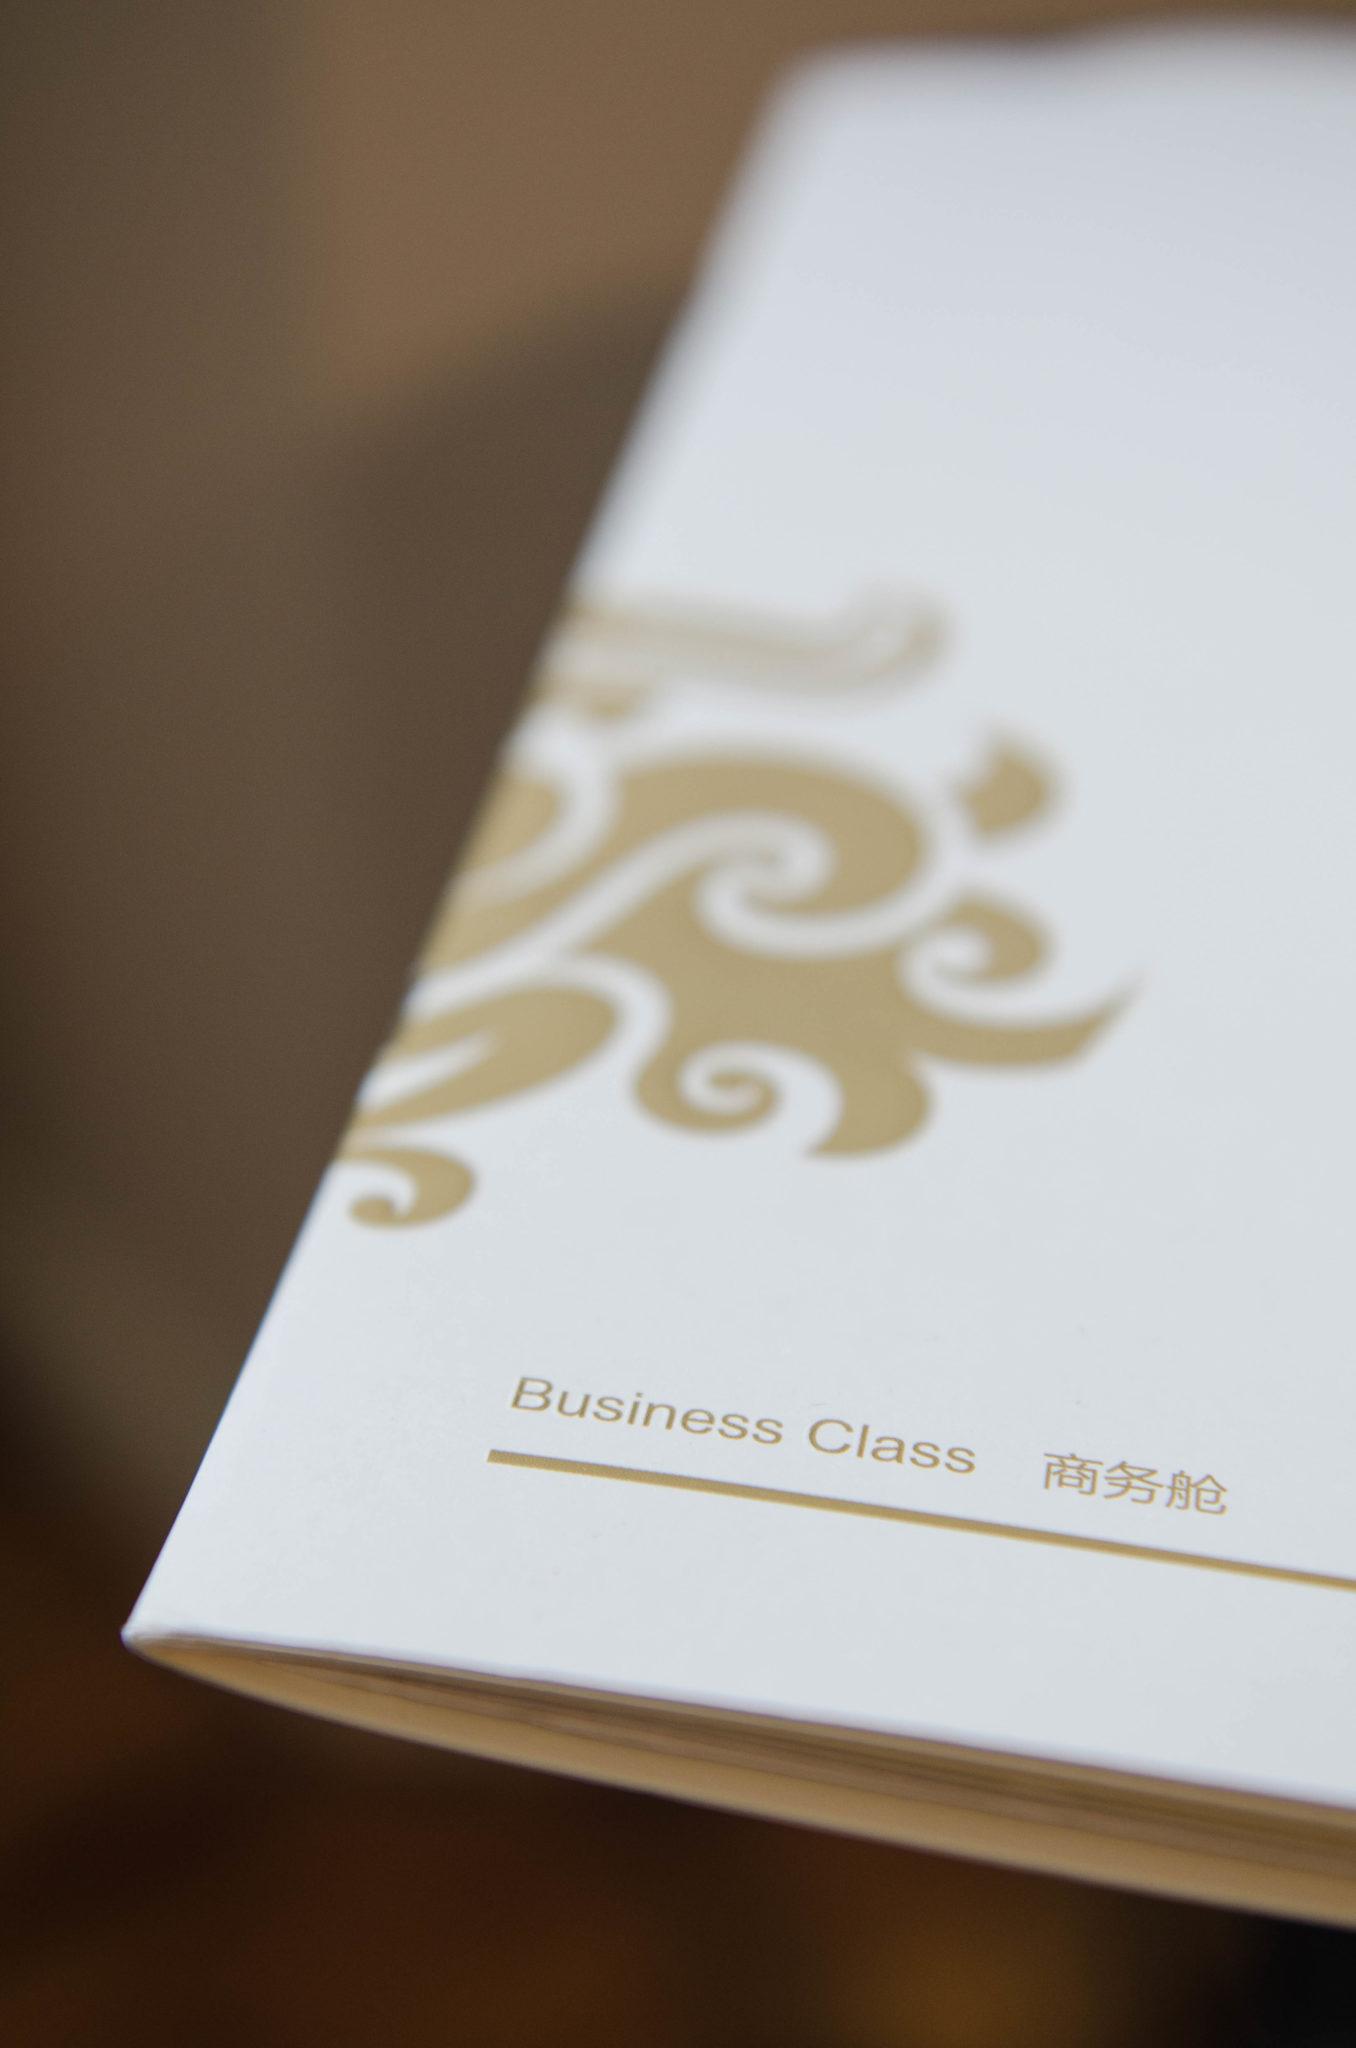 Das Menü in der Hainan Business Class ist umfangreich